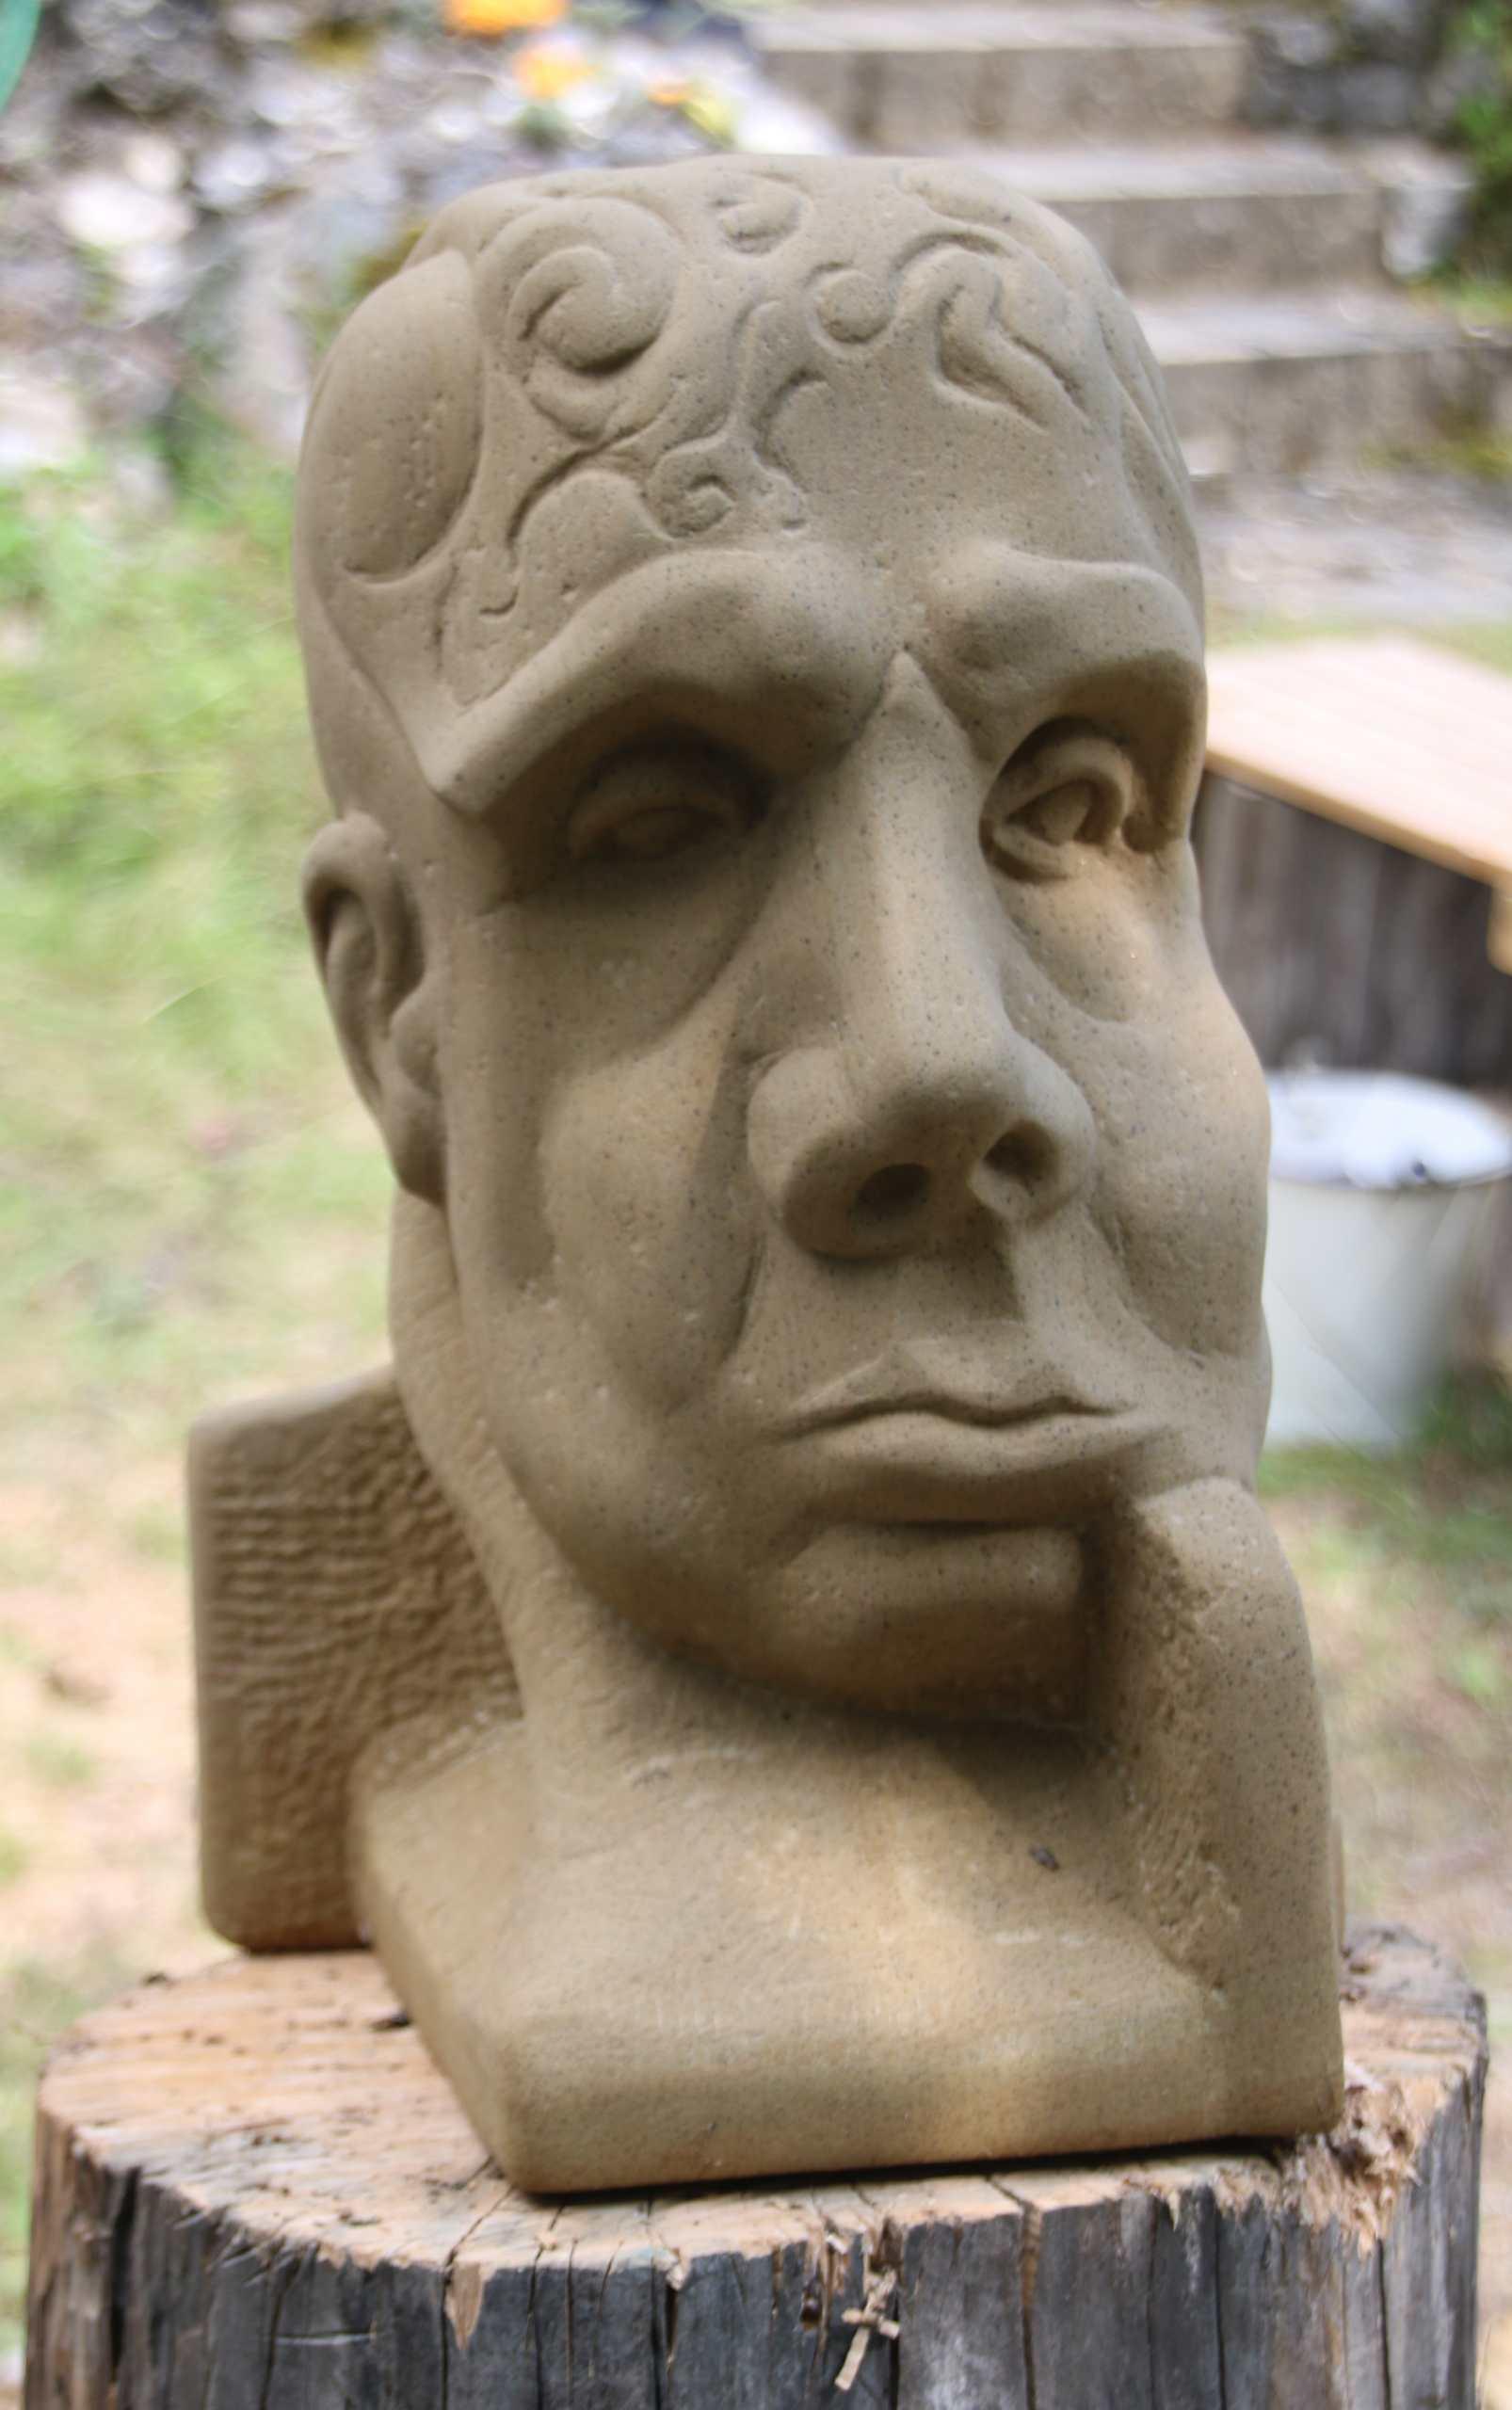 eine Büste aus Sandstein, die einen nachdenklichen oder traurigen Menschen zeigt